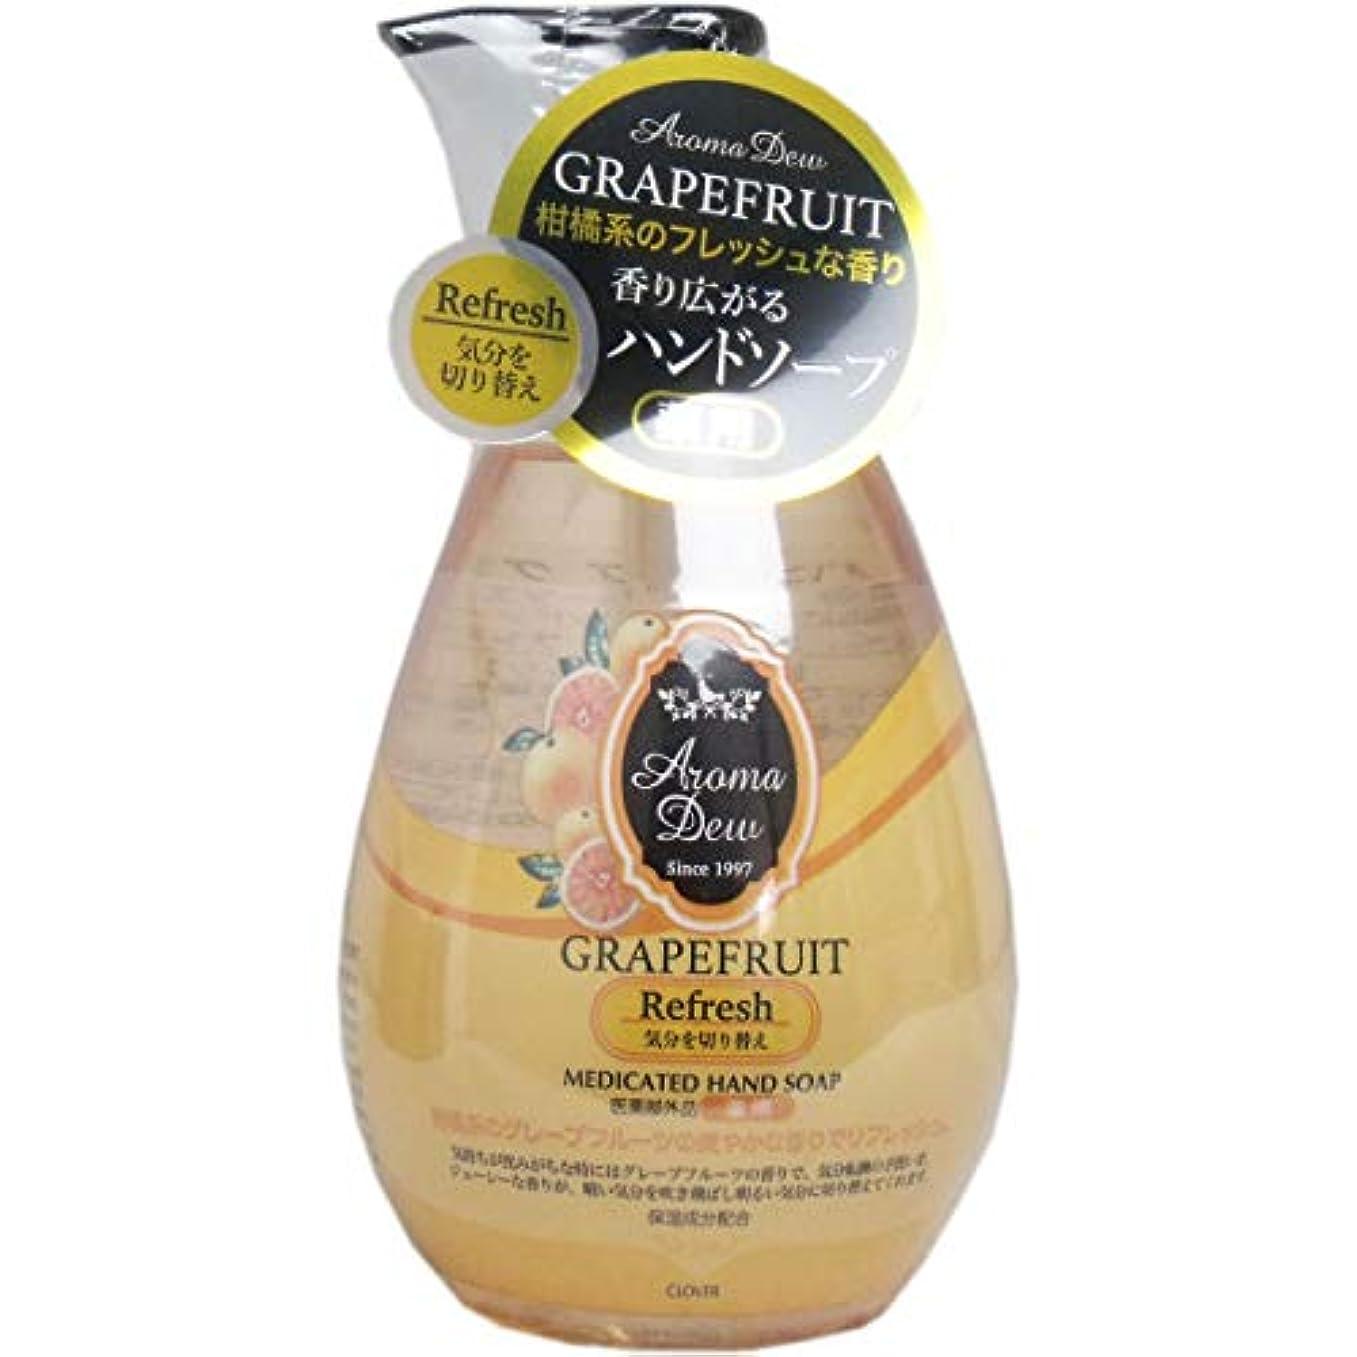 風万歳割り込み薬用アロマデュウ ハンドソープ グレープフルーツの香り 260mL(単品1個)